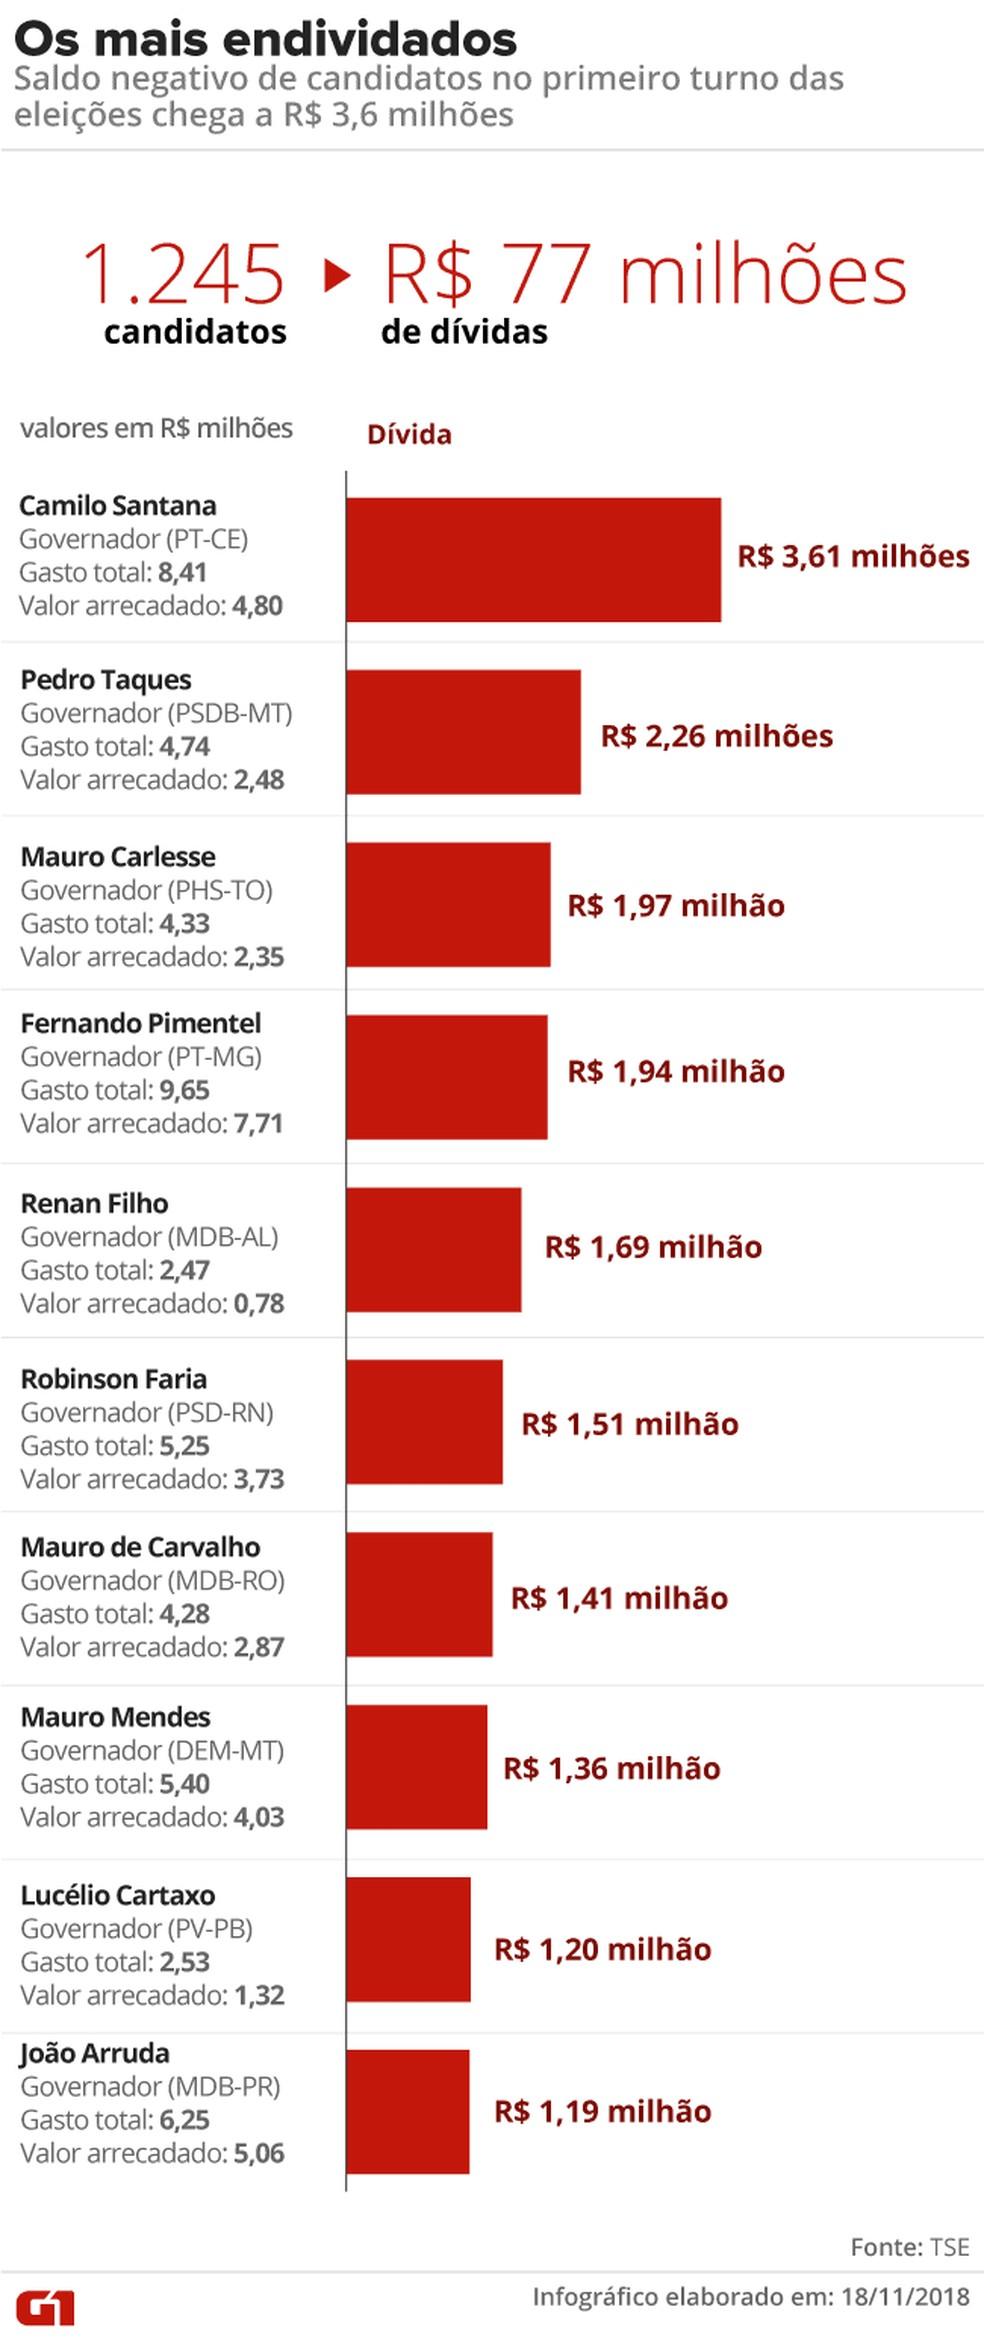 Mais de mil candidatos ficam com dívidas na campanha; veja os dez maiores saldos devedores — Foto: Rodrigo Cunha/G1